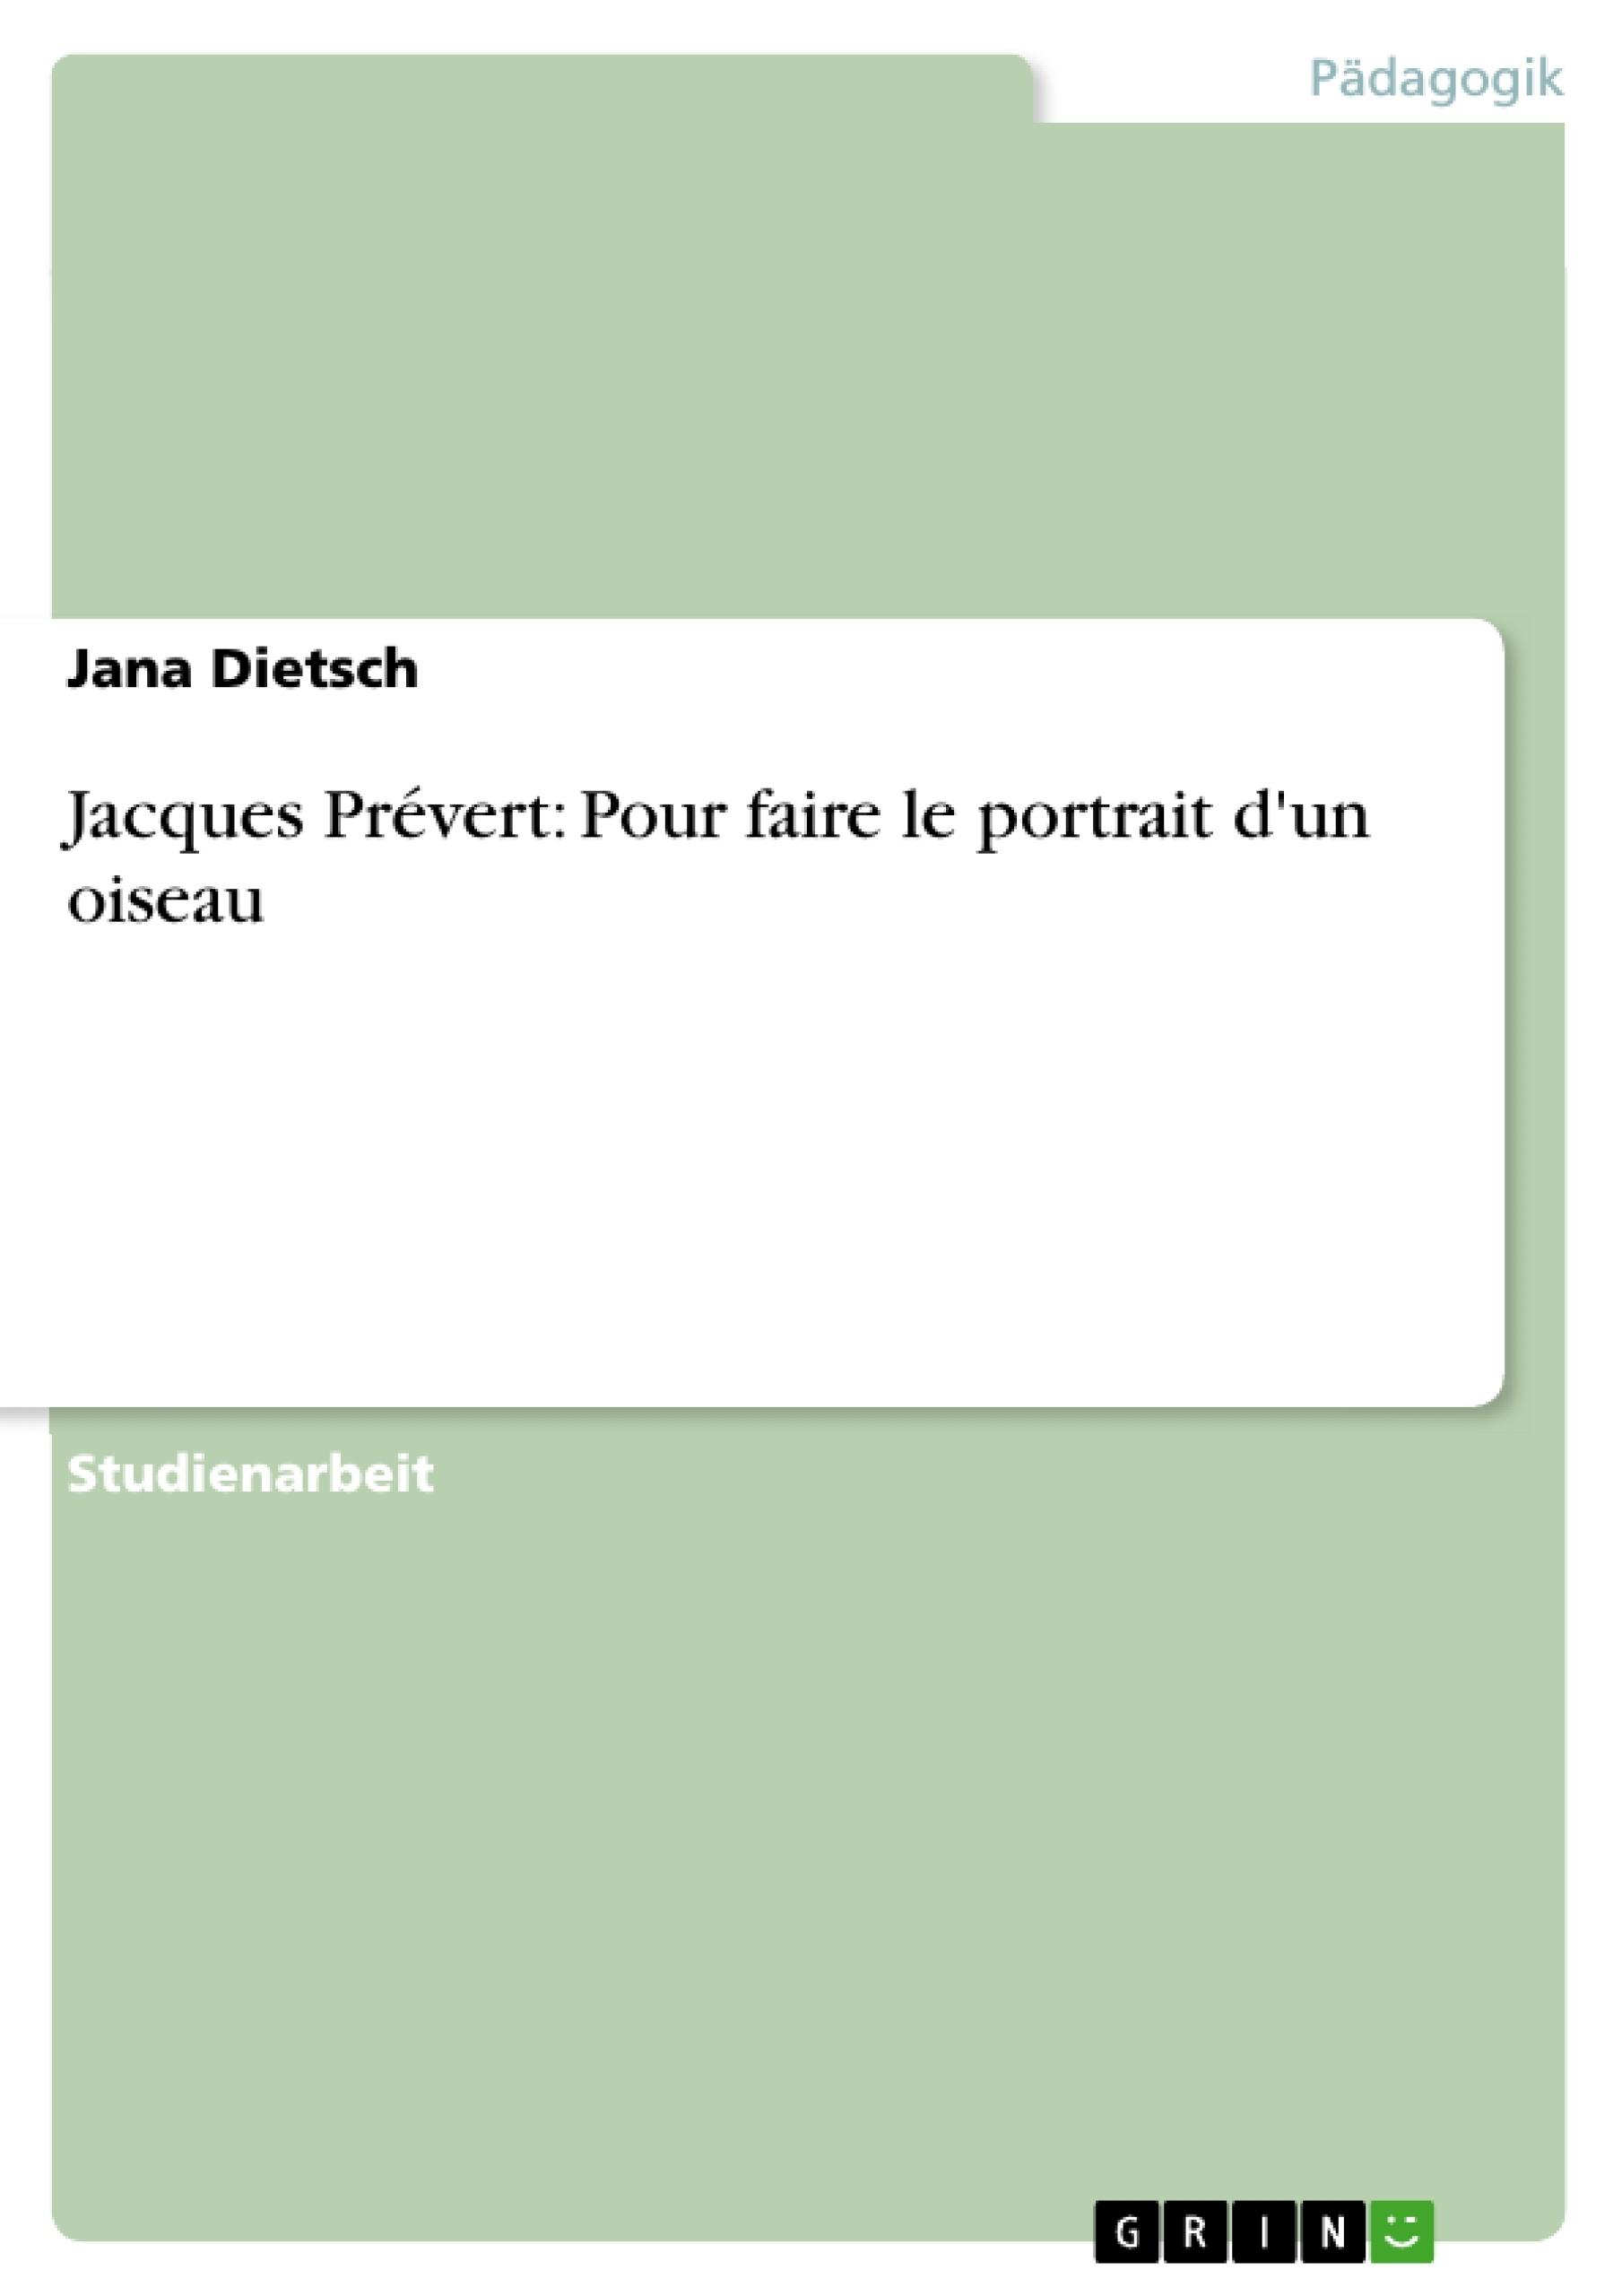 Titel: Jacques Prévert: Pour faire le portrait d'un oiseau